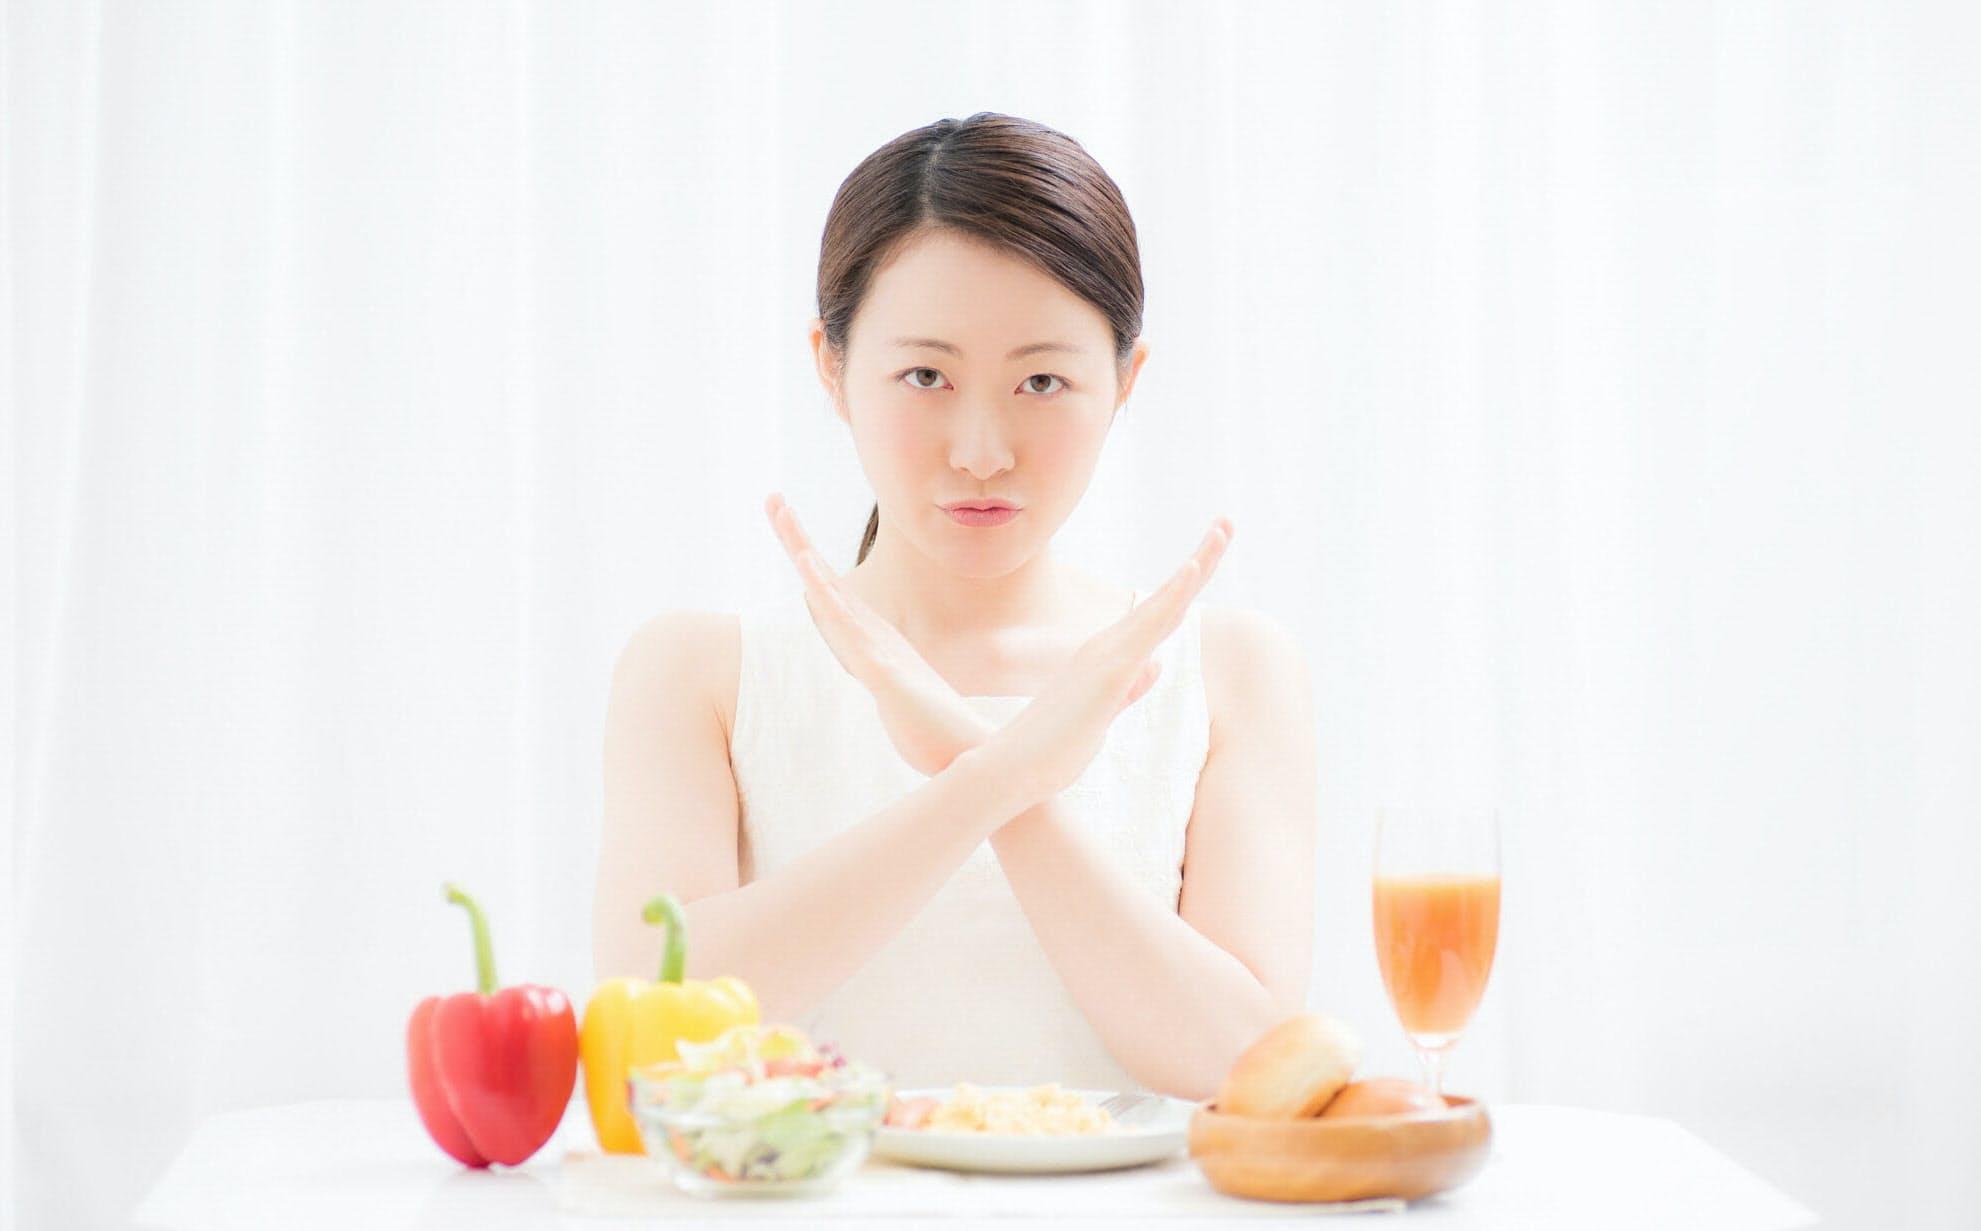 自宅で週末断食、注意点は 水分取り適当な運動を|NIKKEI STYLE